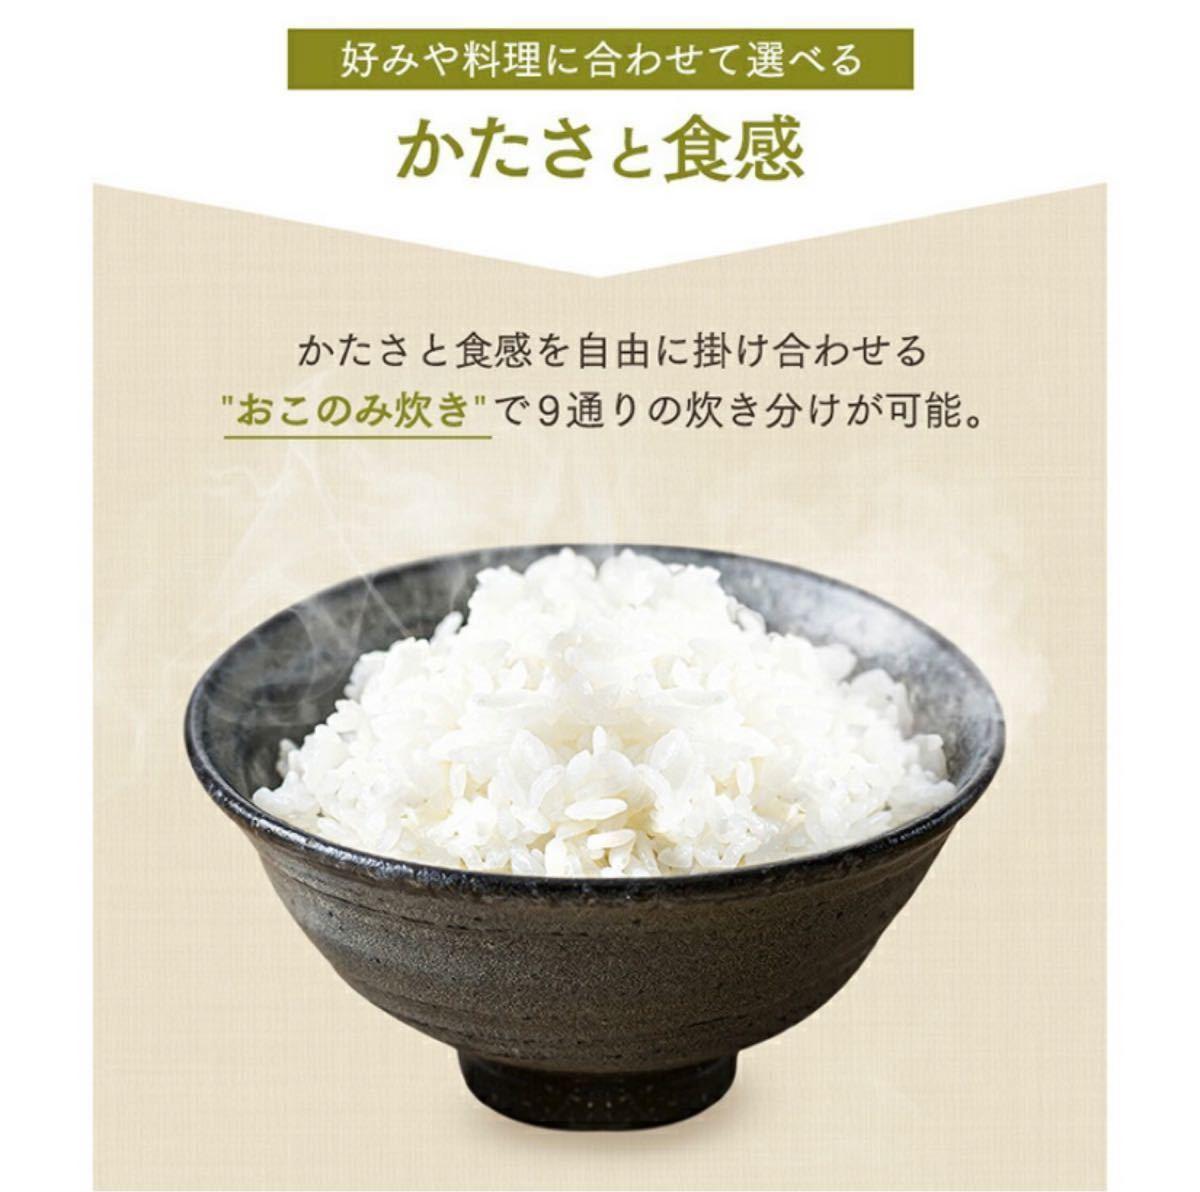 3合炊き炊飯器 アイリスオーヤマ 白色